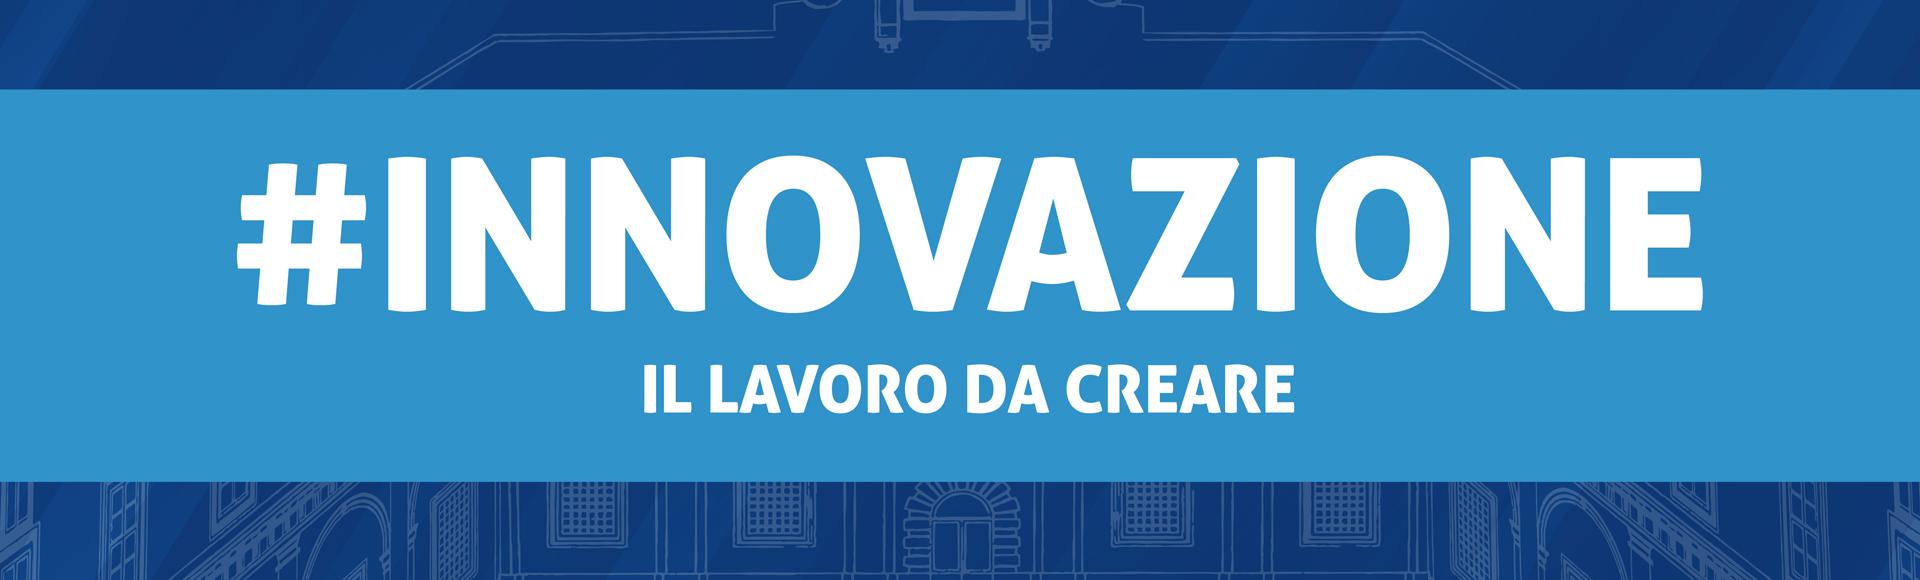 Innovazione_testata